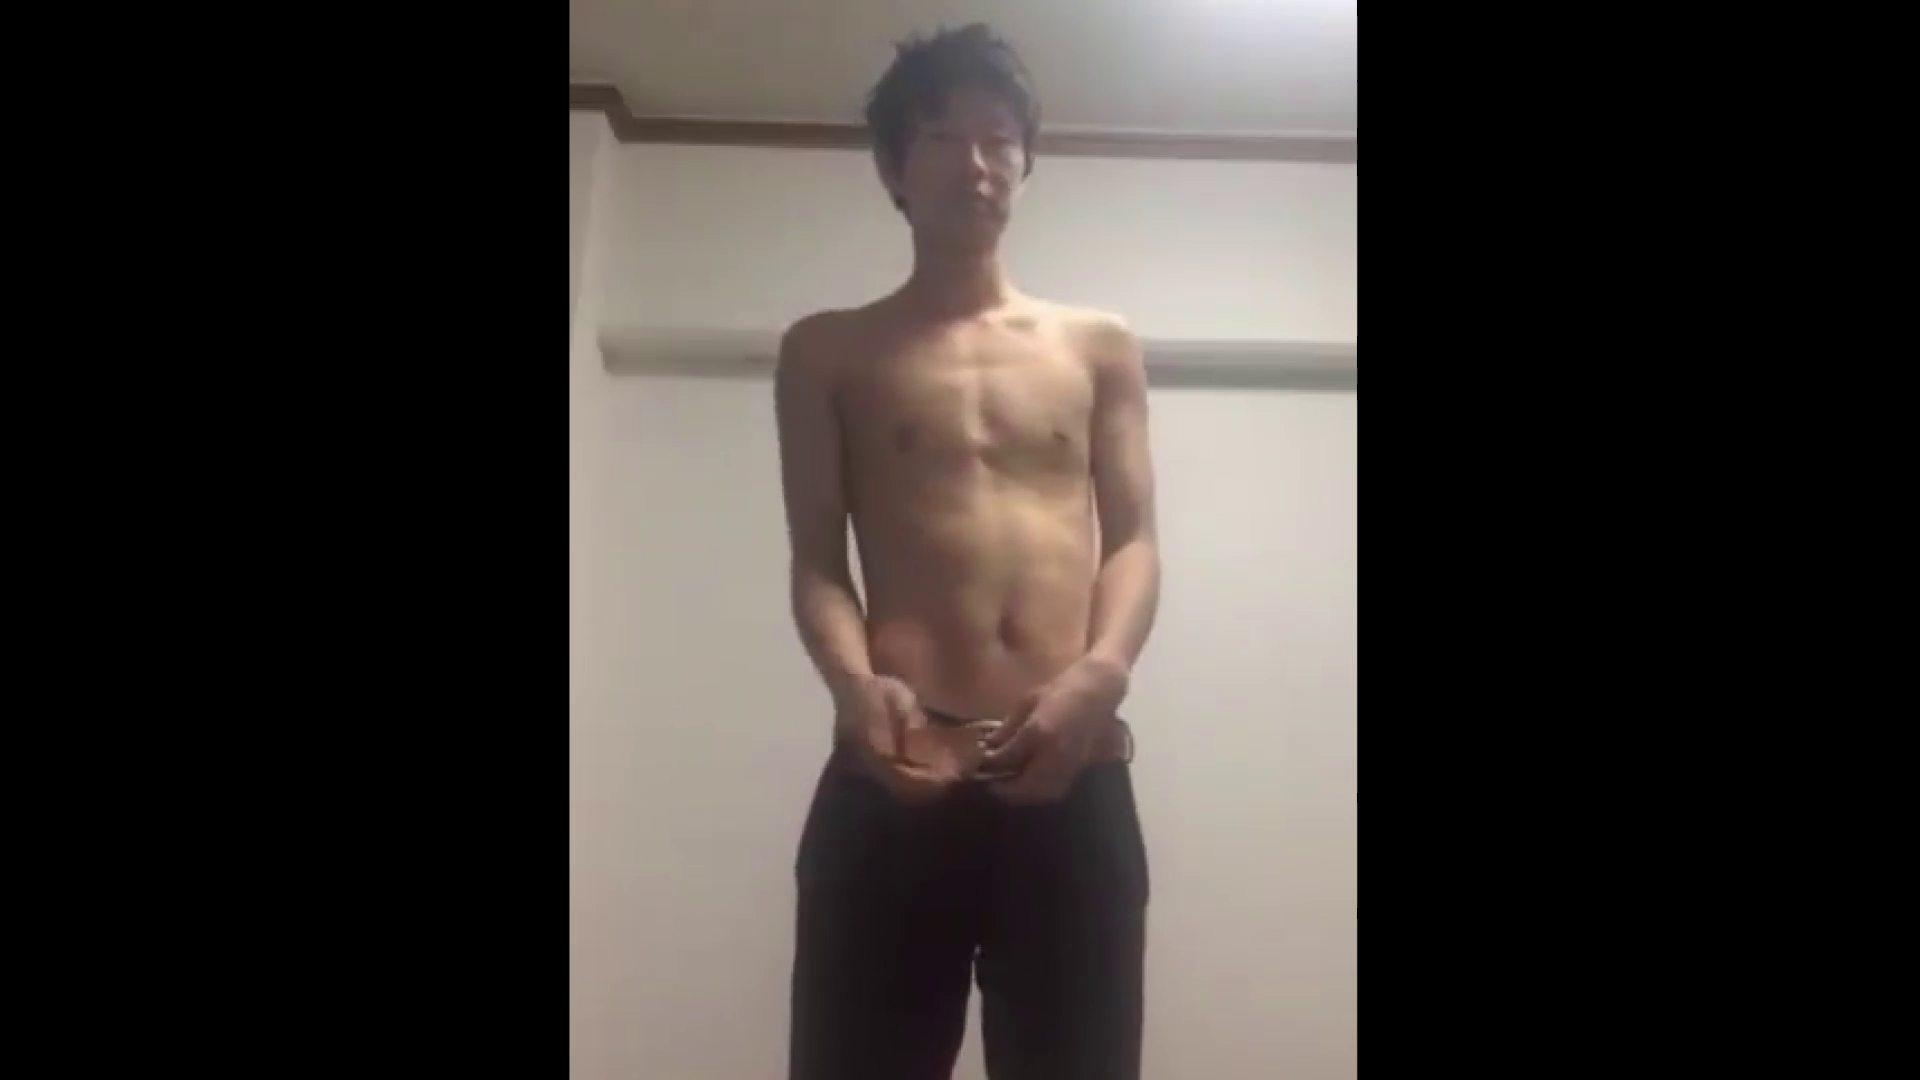 巨根 オナニー塾Vol.20 モザ無し | オナニー エロビデオ紹介 96枚 6